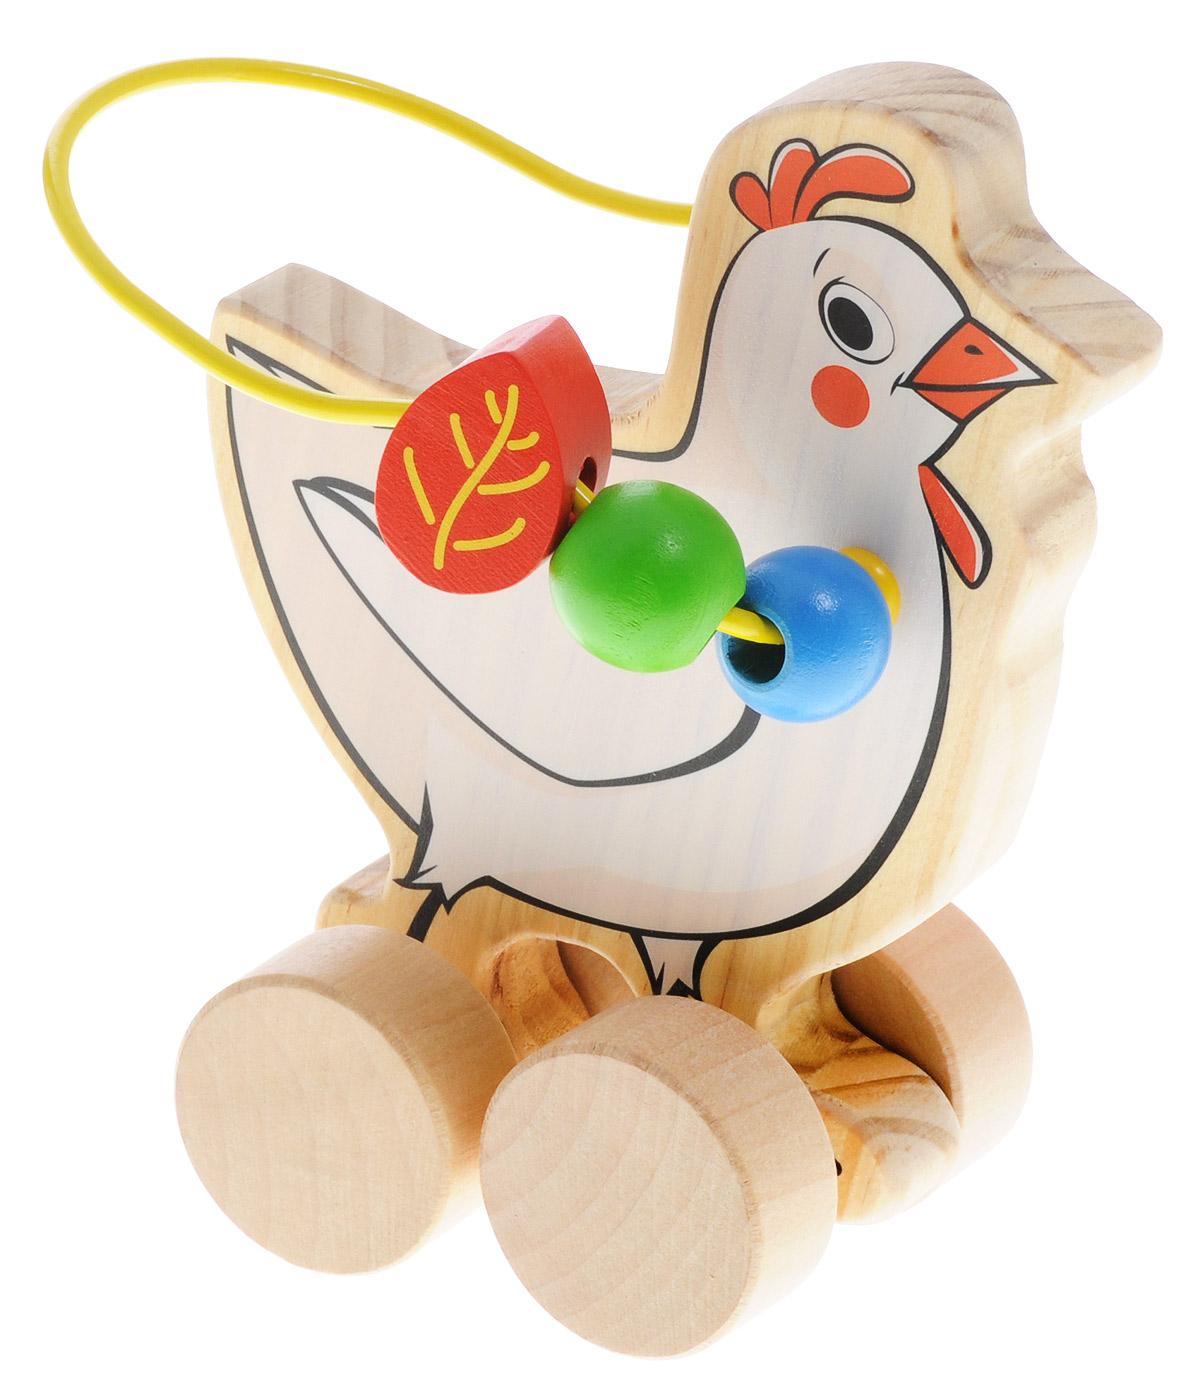 Мир деревянных игрушек Лабиринт-каталка КурицаД363Лабиринт-каталка Мир деревянных игрушек Курица - это замечательная игрушка для малышей! Игрушка в виде курицы на колесиках выполнена из качественных материалов по европейским стандартам и покрыта специальной краской на водной основе, которая абсолютно безопасна для вашего малыша. Натуральное дерево, из которого изготовлена игрушка, прошло специальную обработку, в результате чего на модели не осталось острых углов или шероховатых поверхностей, которые могут повредить кожу ребенка. Производитель использует только экологически чистую новозеландскую сосну для производства своих игрушек. К игрушке прикреплена изогнутая проволока, по которой свободно могут двигаться фигурки, различные по цвету и форме. Мелкие детали не снимаются. Благодаря большим деревянным колесам малыш сможет использовать игрушку и как каталку. Лабиринт-каталка развивает моторику рук, логическое мышление, а также знакомит малыша с основными цветами и формами.